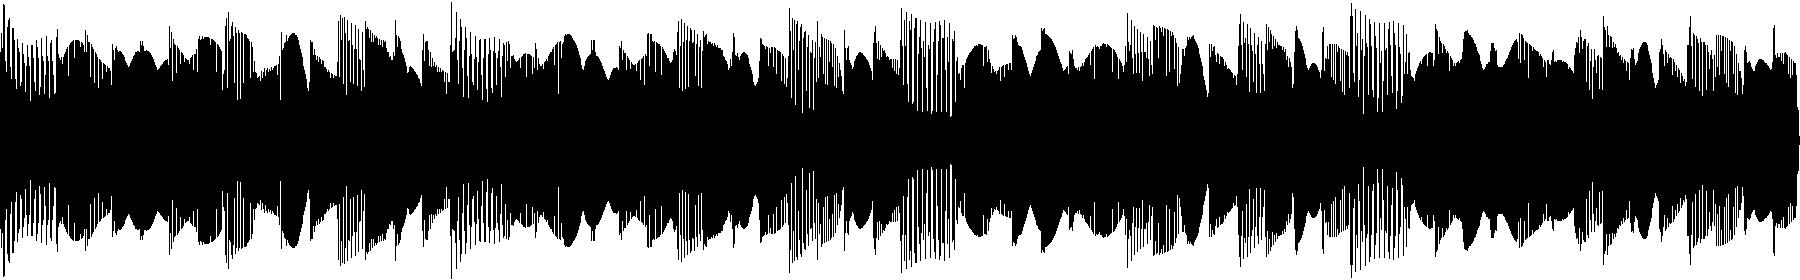 syn3 140